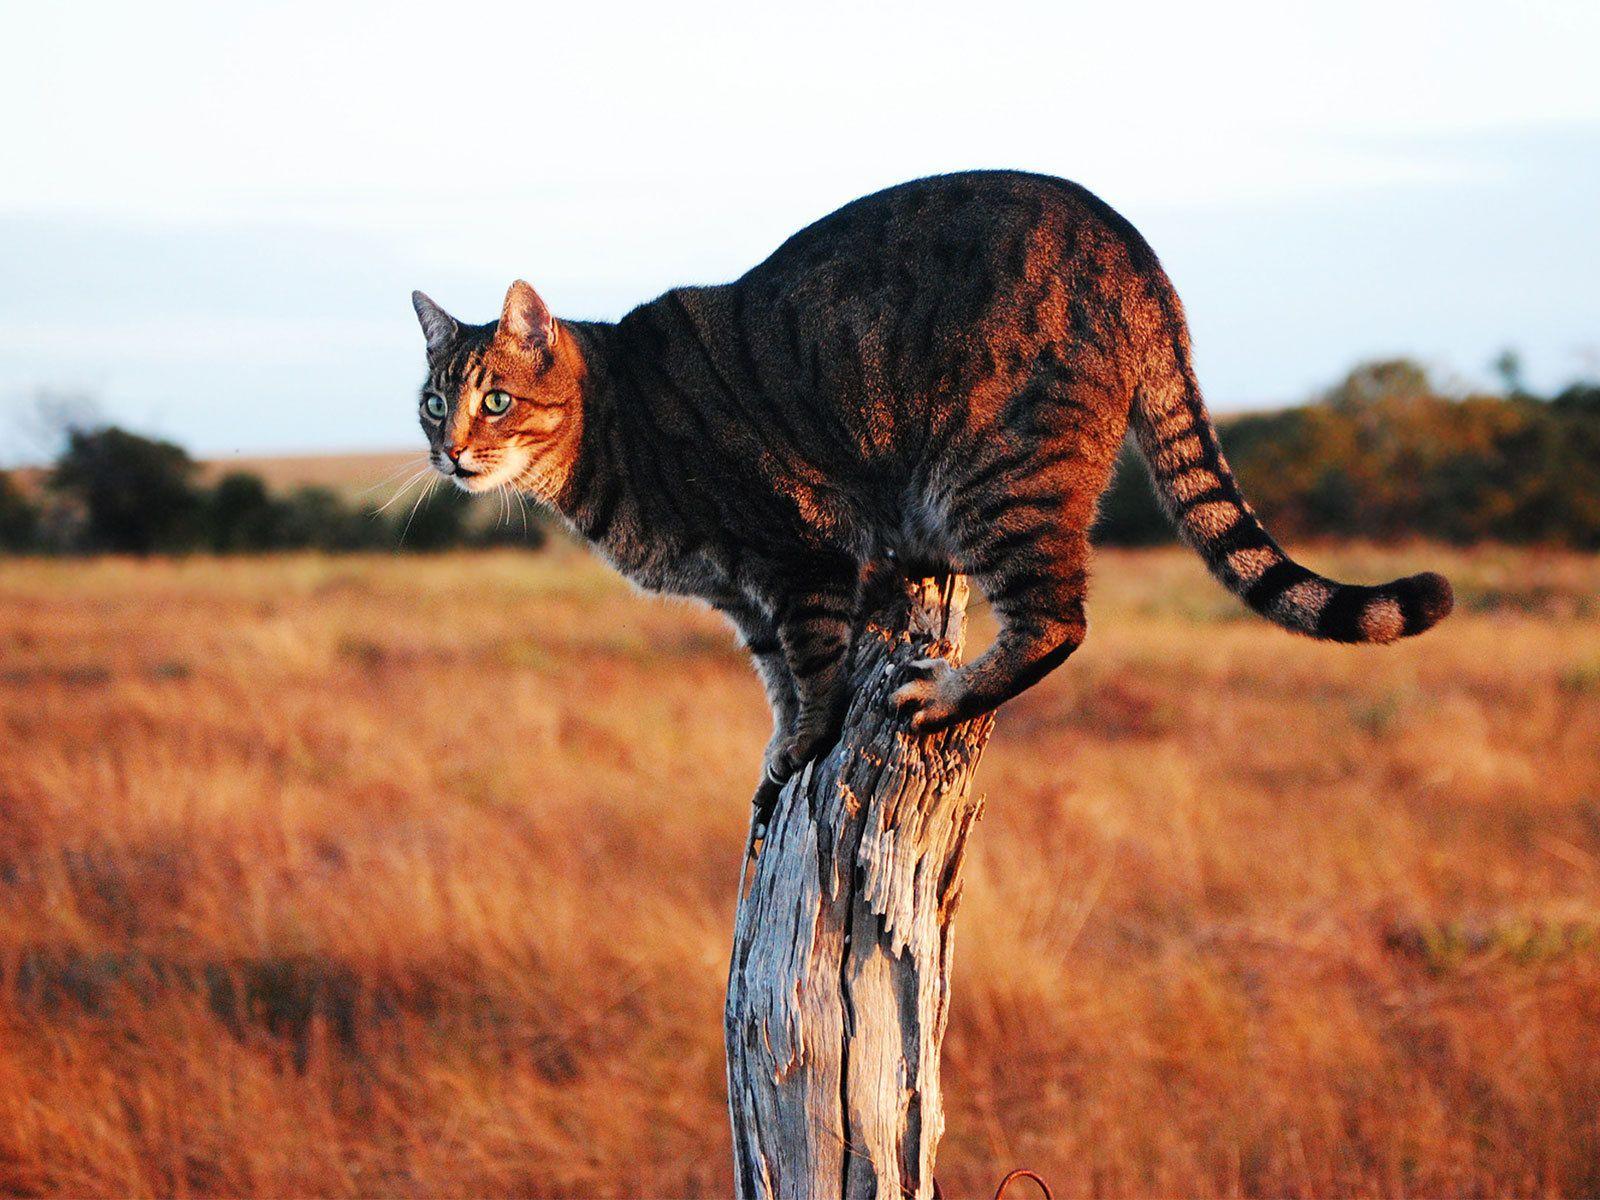 Кошка саванна (фото): покорный и ласковый гепард | Кошки ...